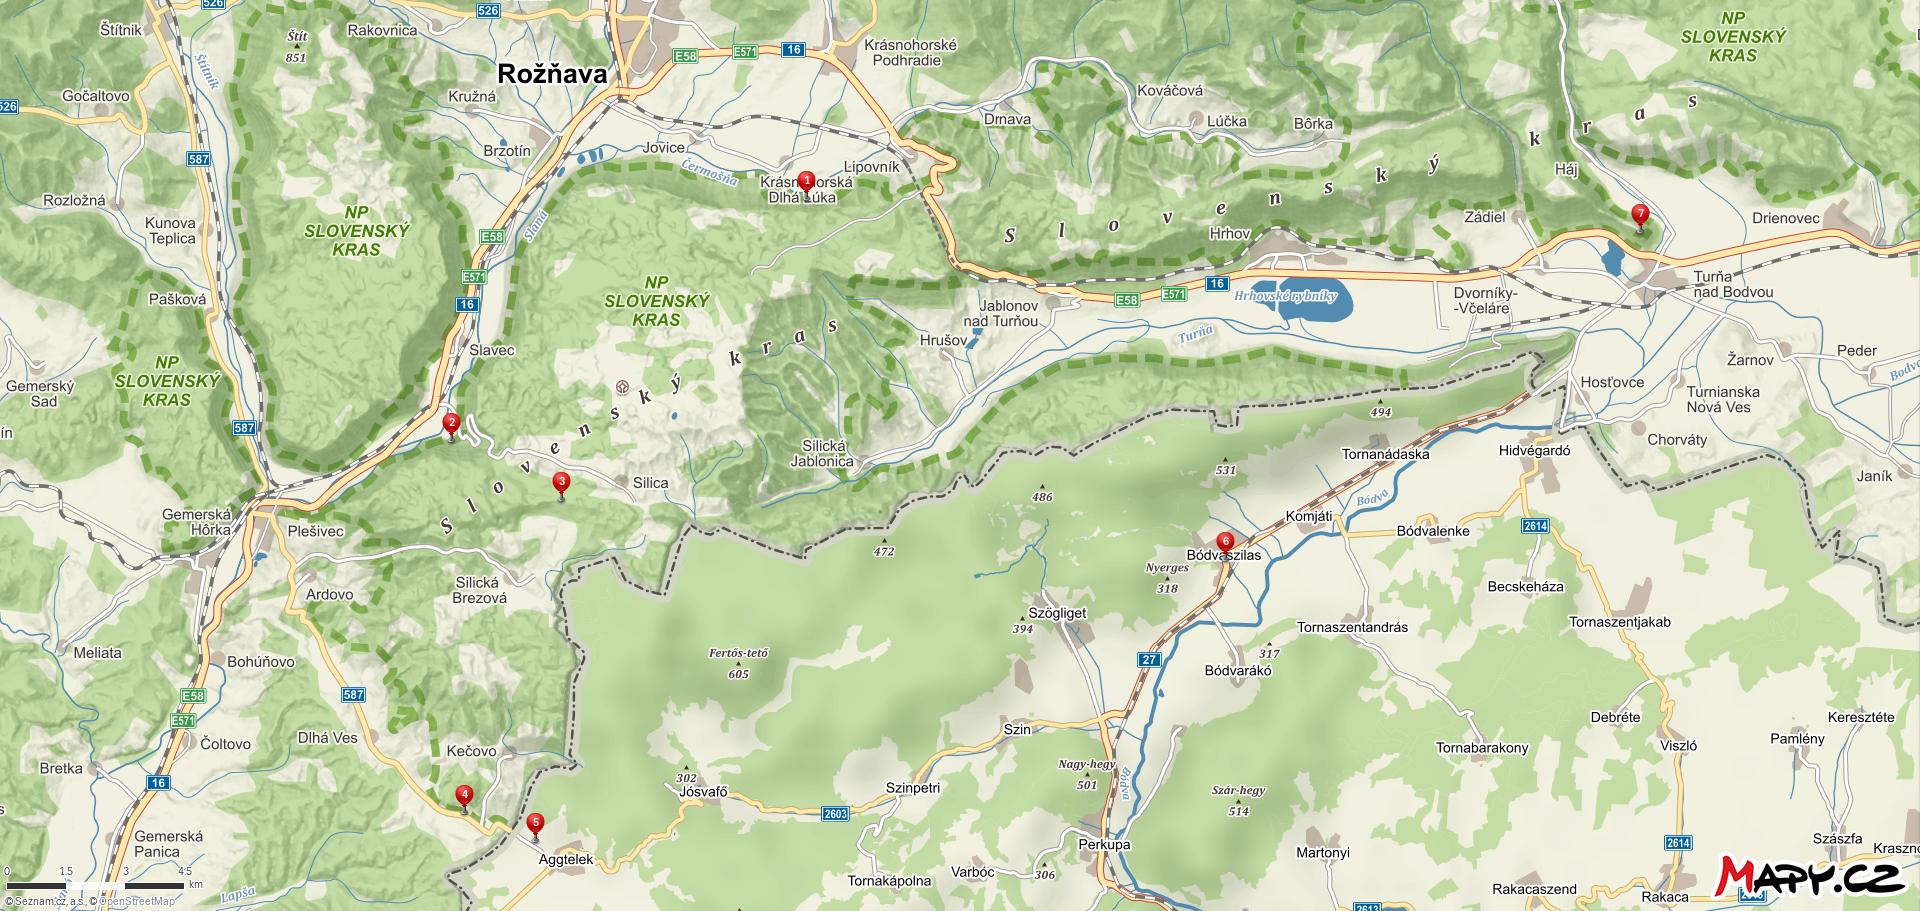 Mapa se špendlíky